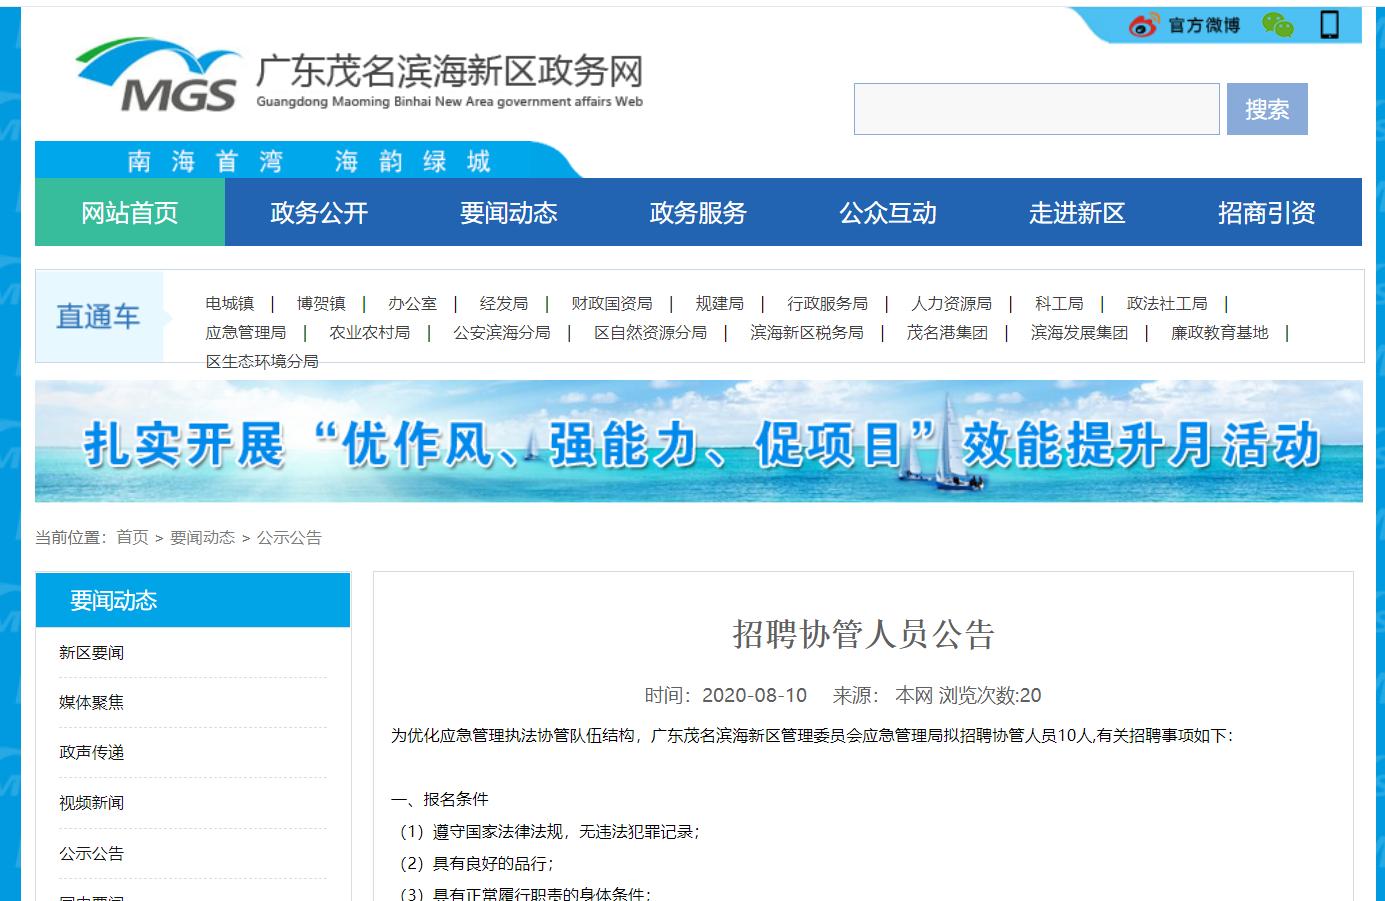 2020广东竞技宝手机端滨海新区管理委员会应急管理局拟招聘协管人员公告